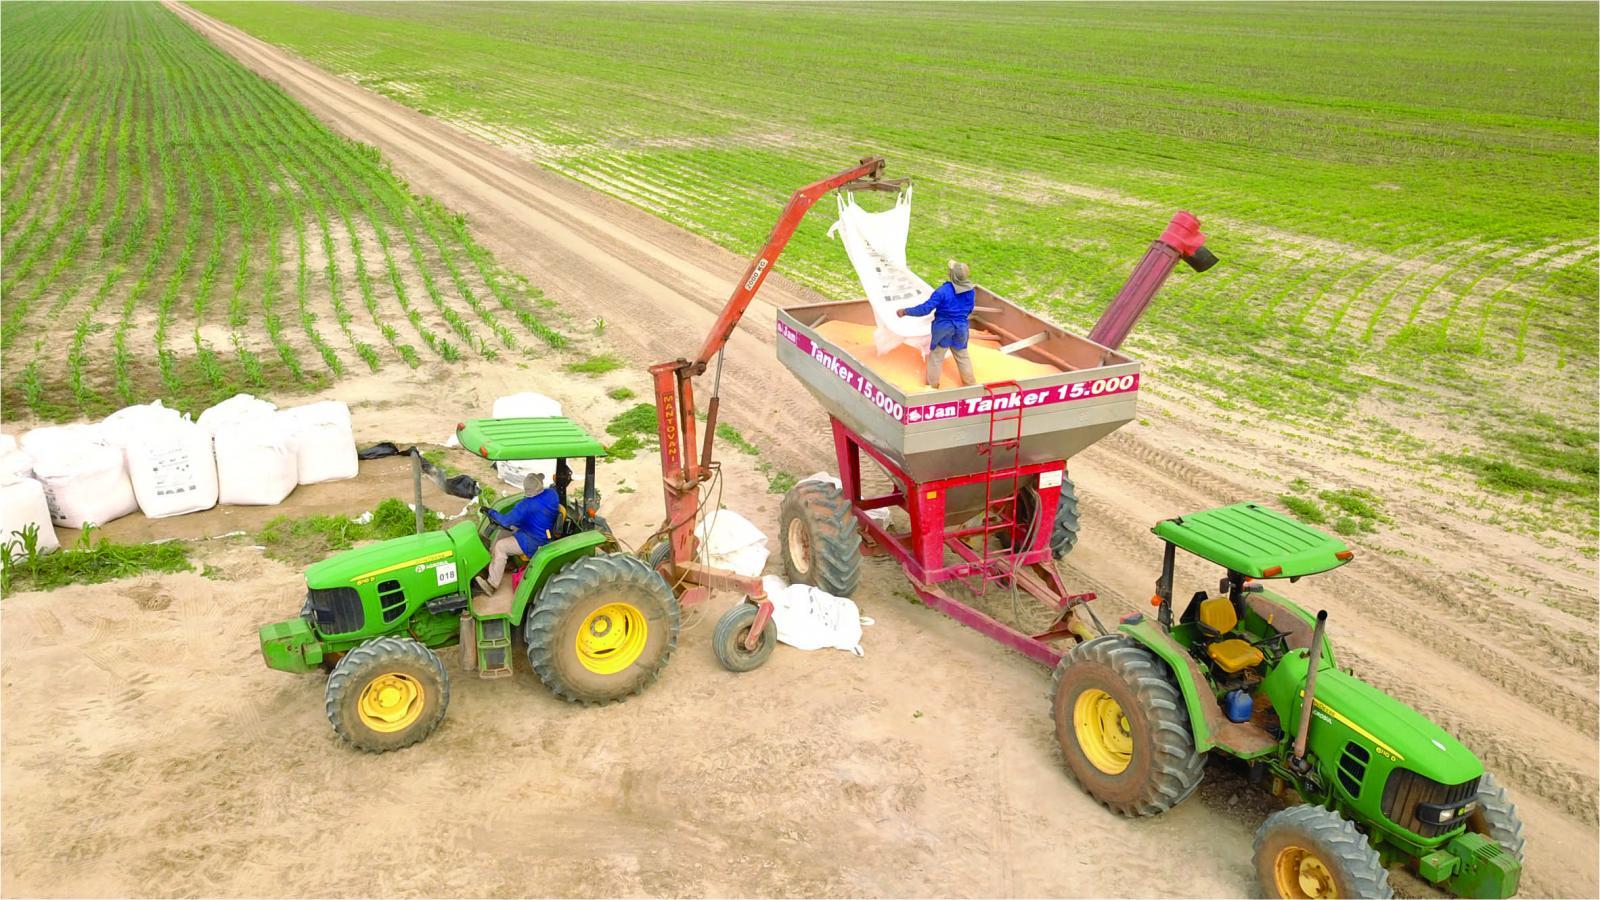 images/2018/04/carroll-farms-farmstead-45-gb1-1523484551mtuymzq4ndu1mq.jpg